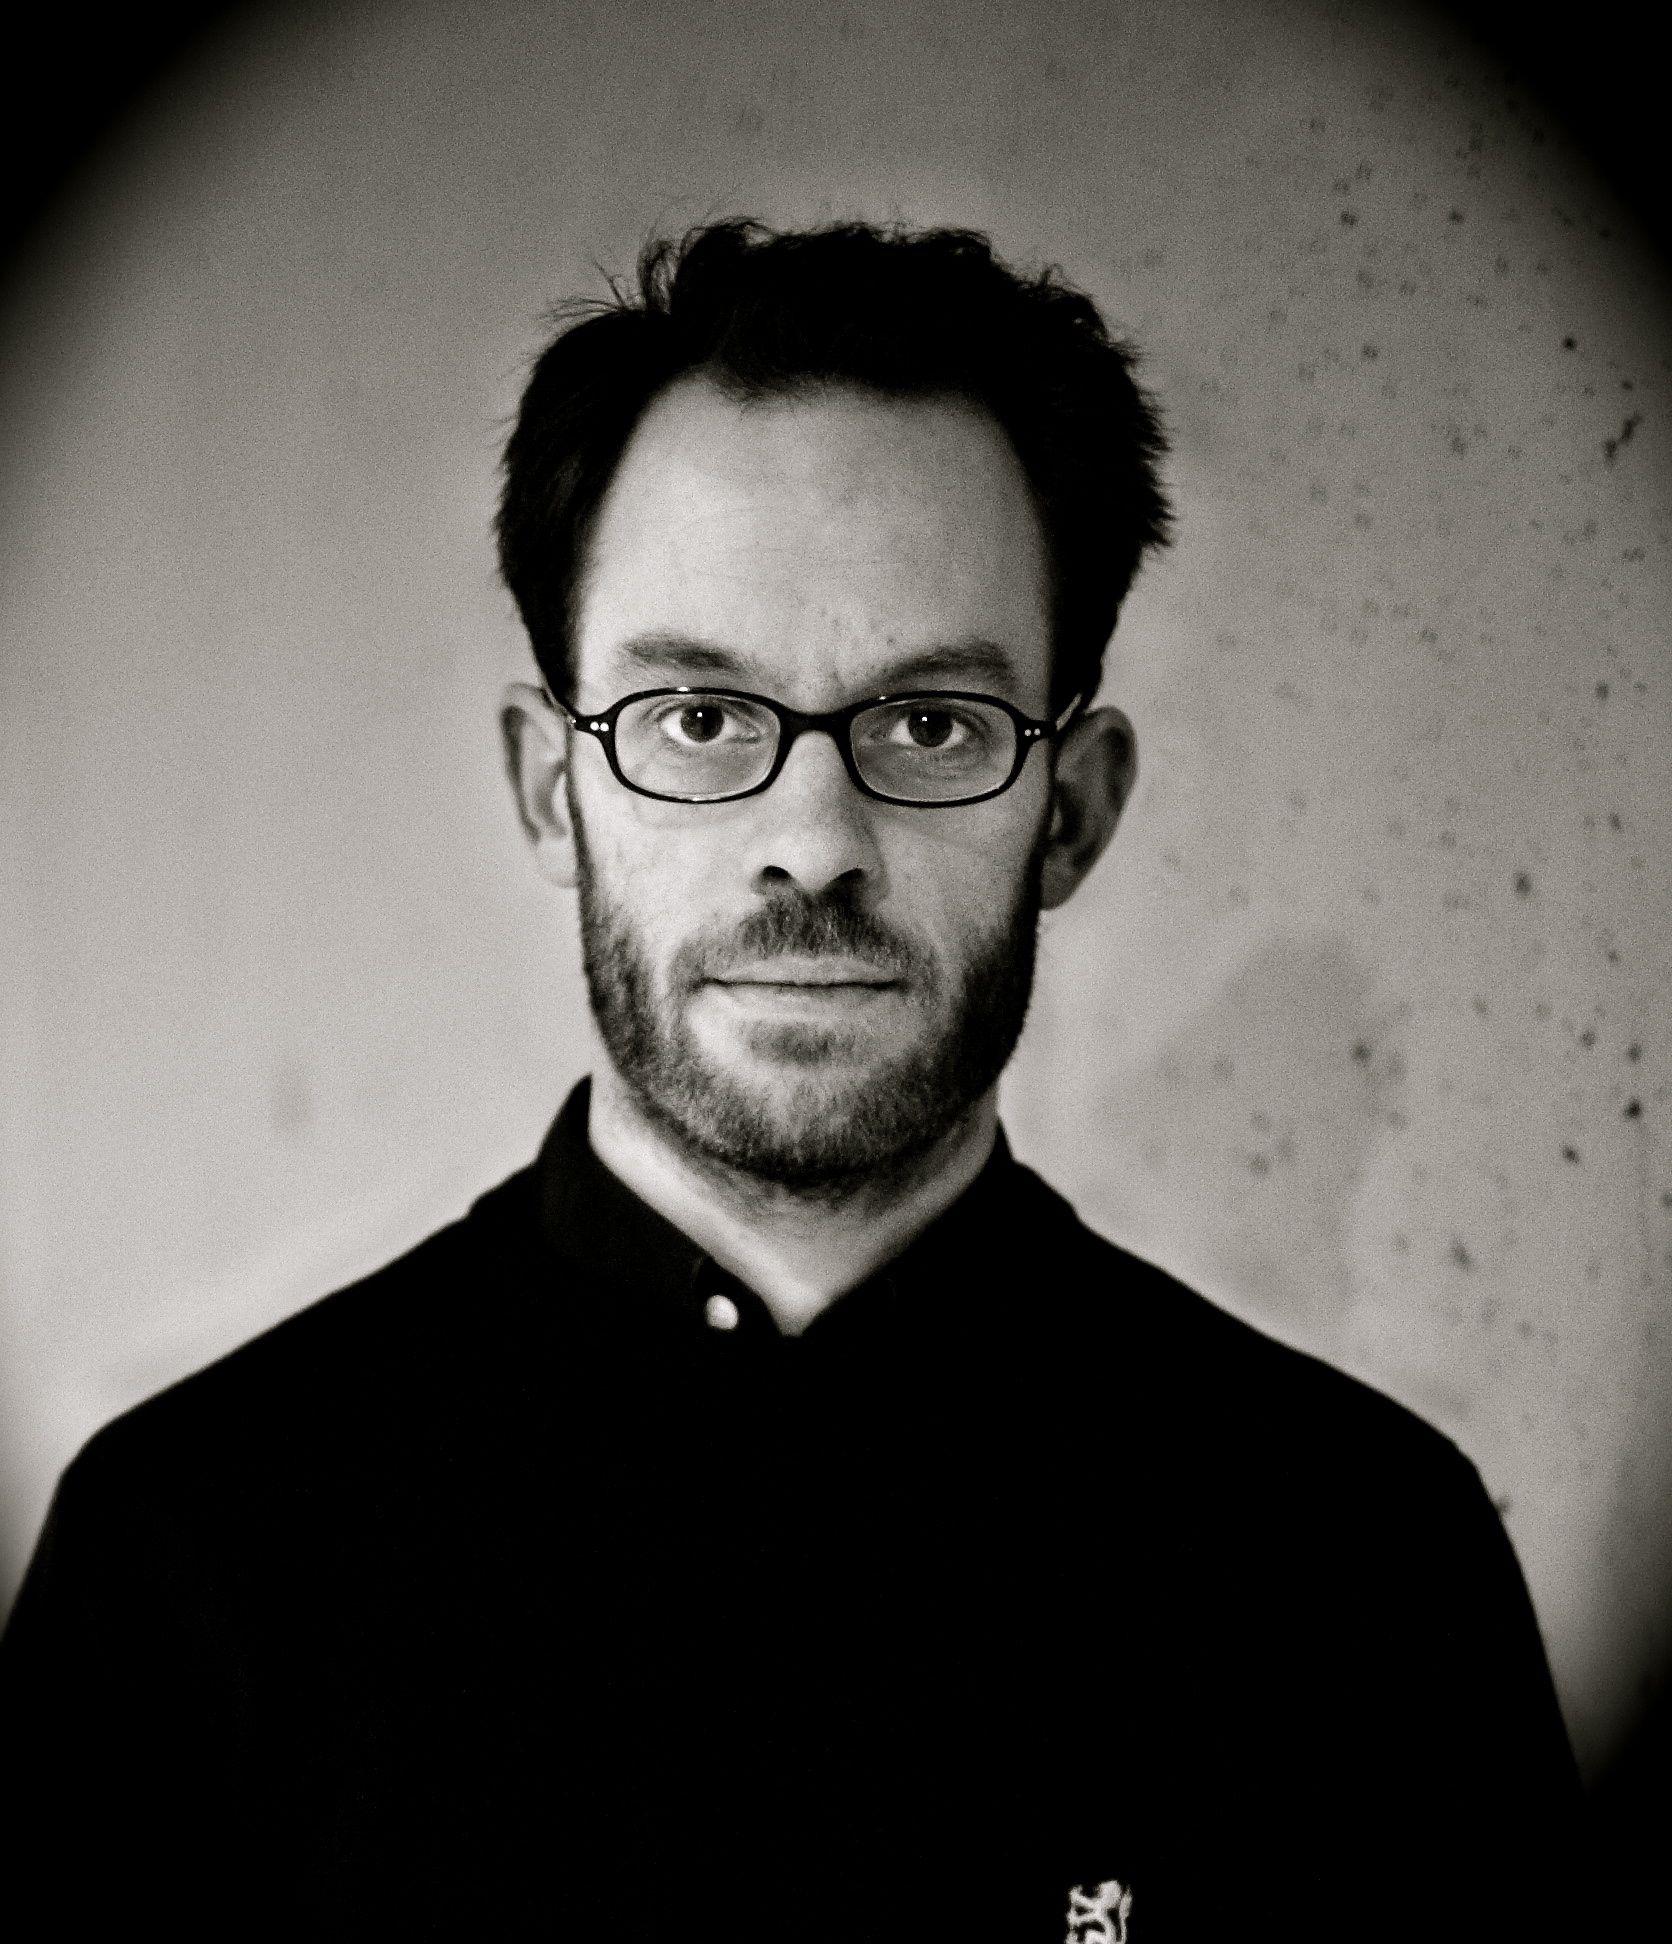 Daniel Domscheit